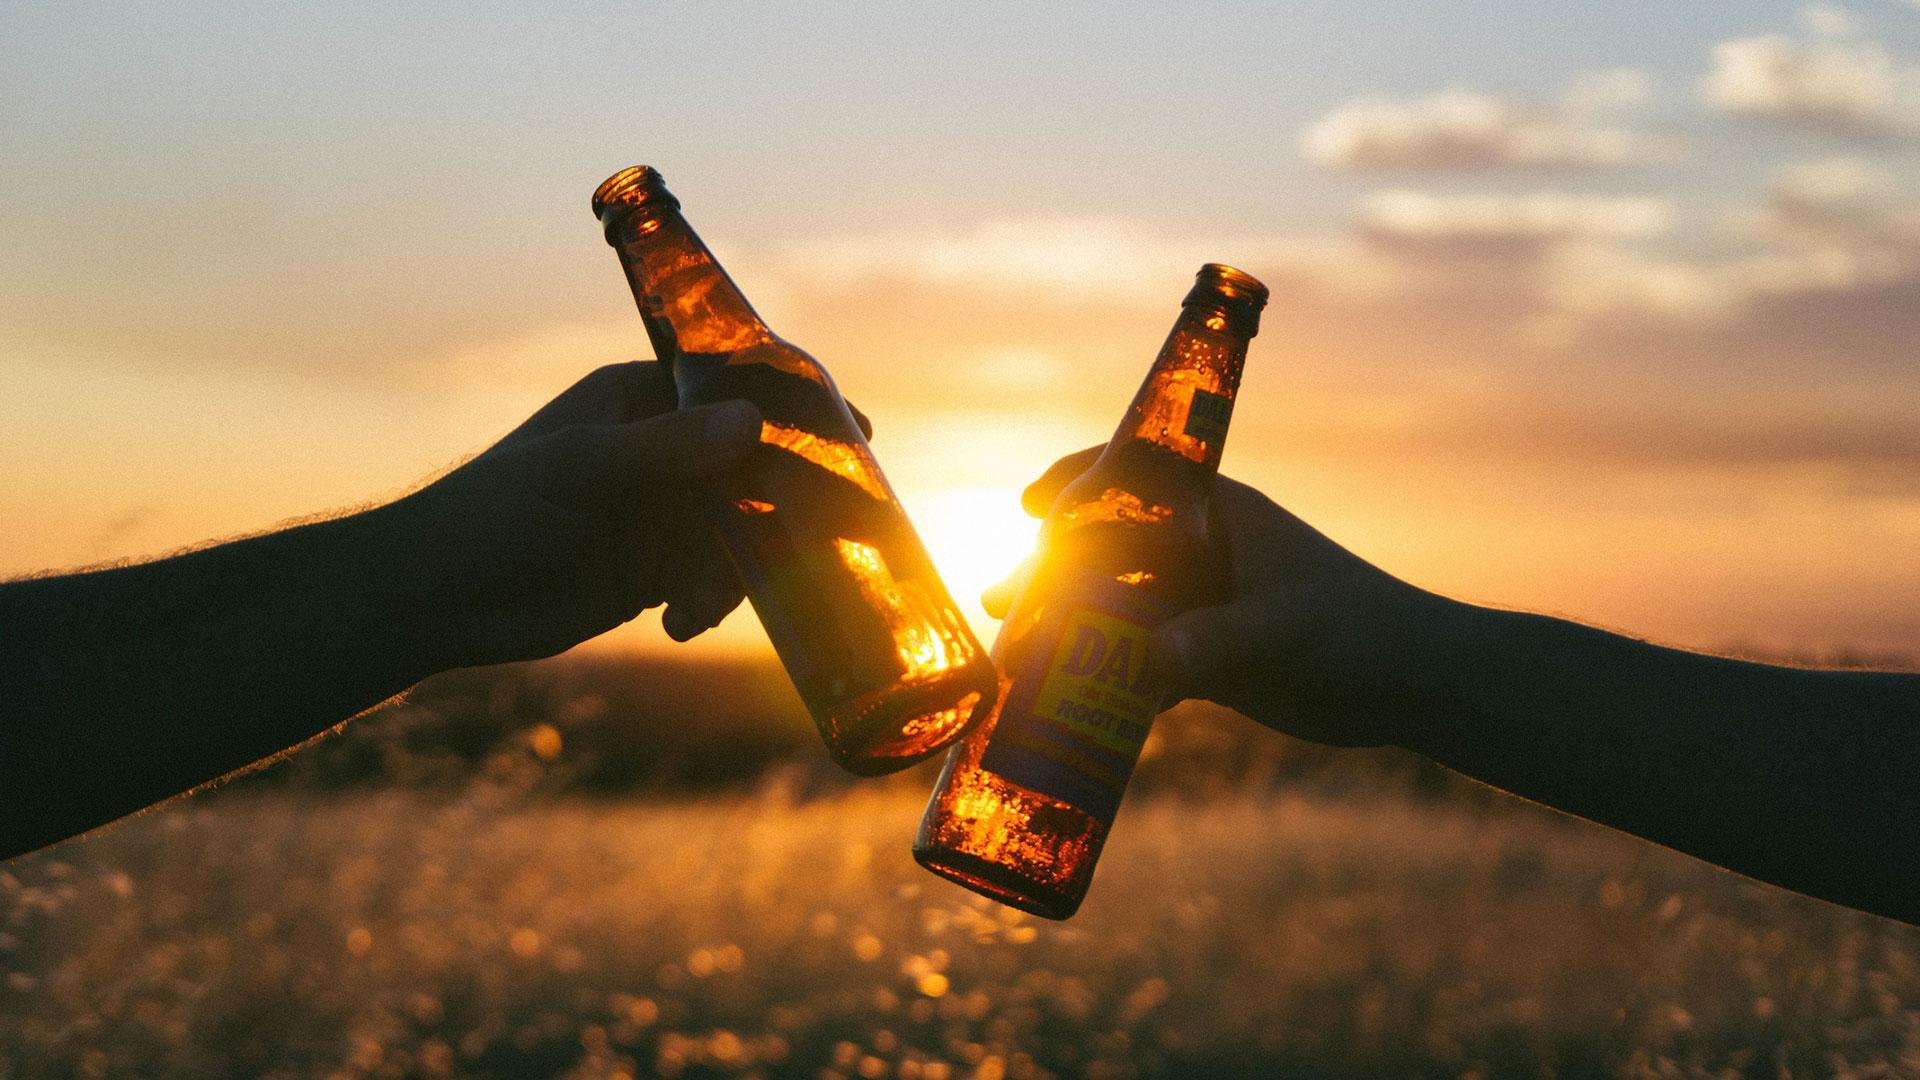 Bier voor na de rit: 3 tips voor het voorjaar